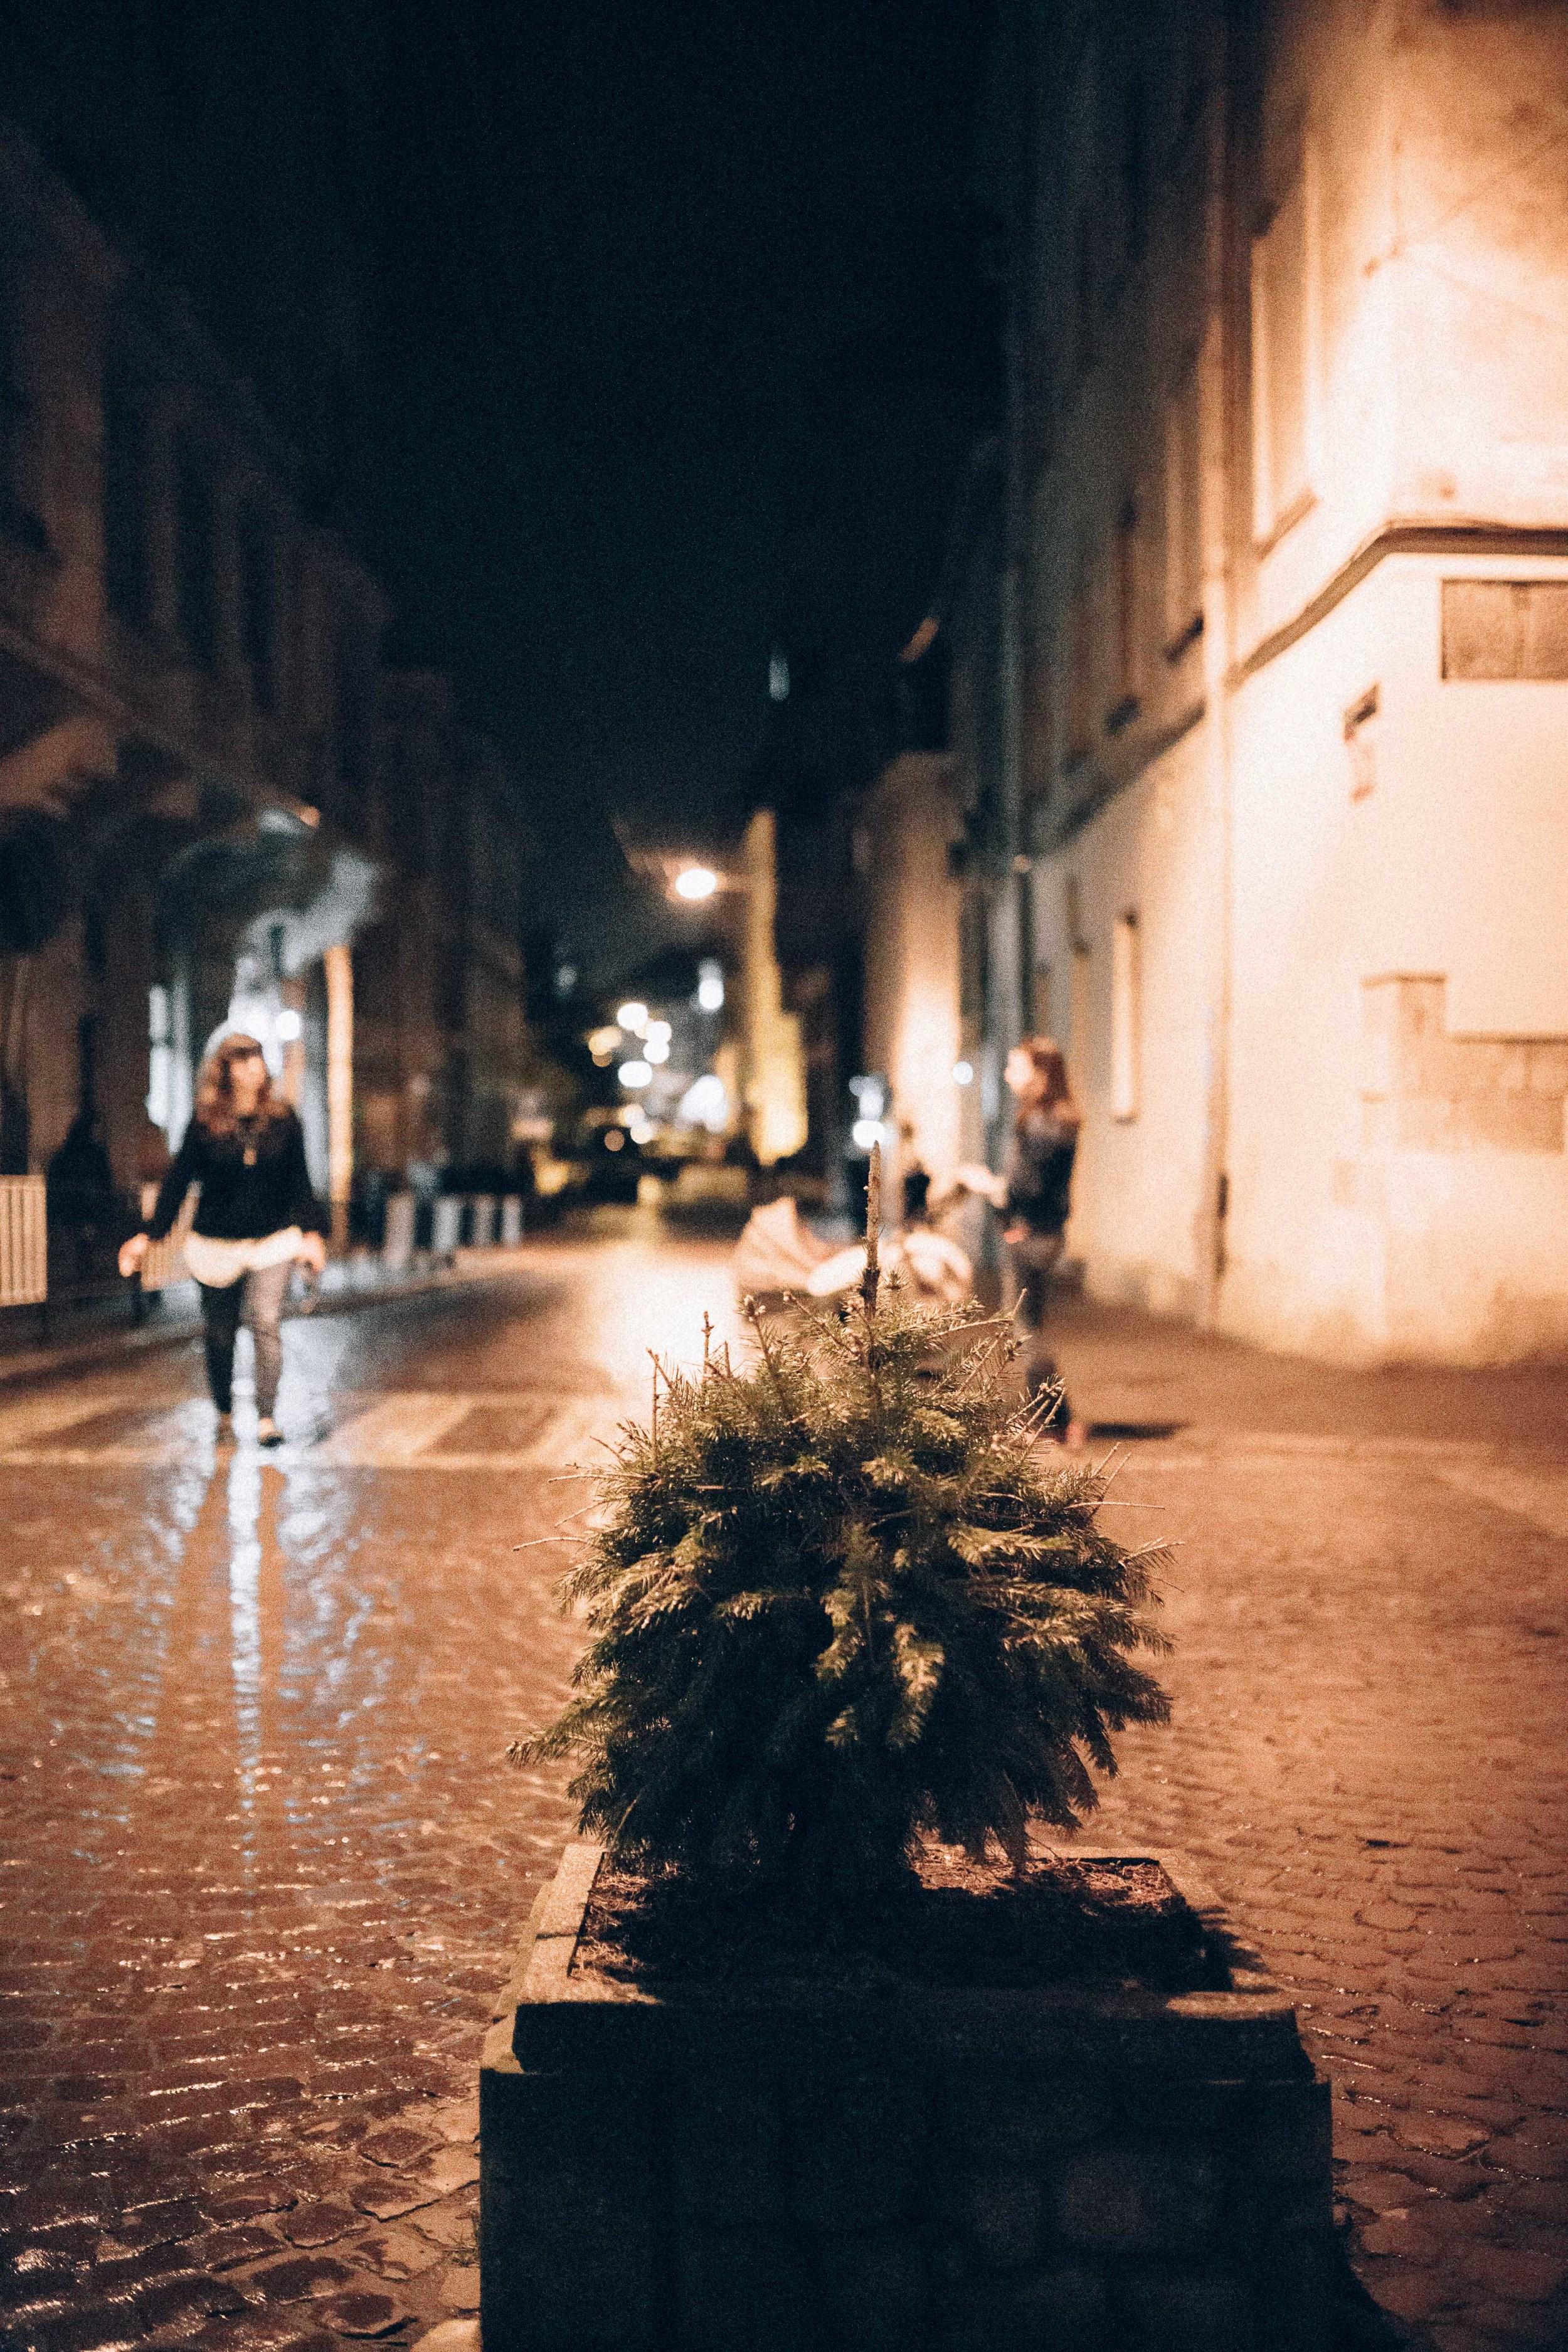 Exploring at night.